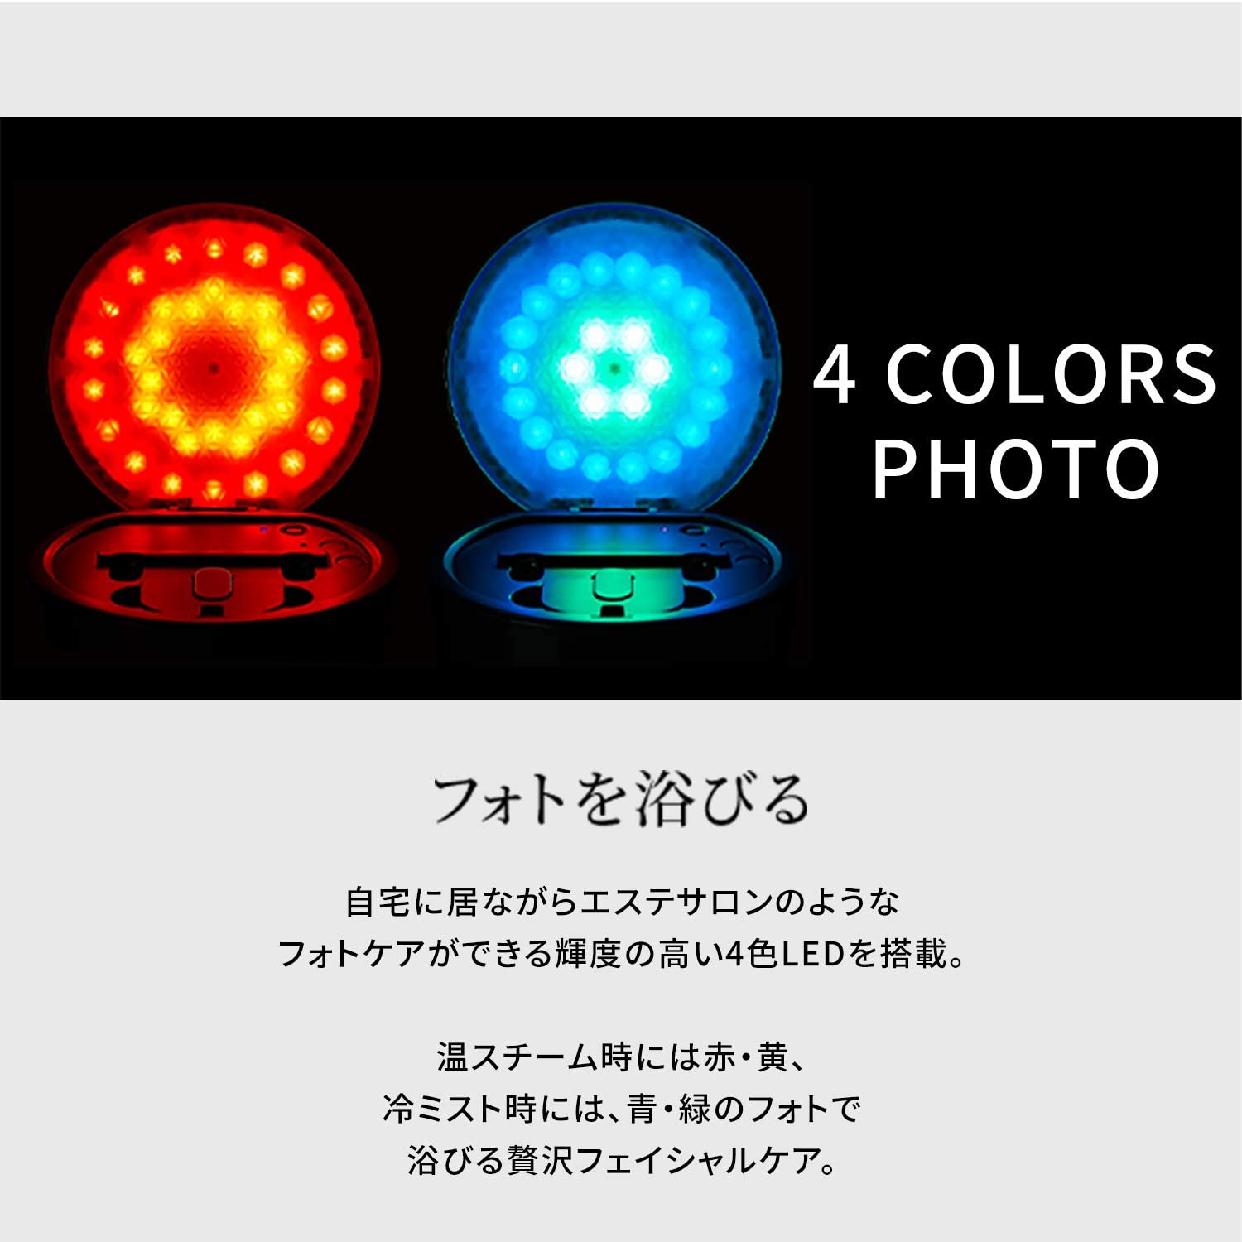 YA-MAN(ヤーマン) フォトスチーマーの商品画像7